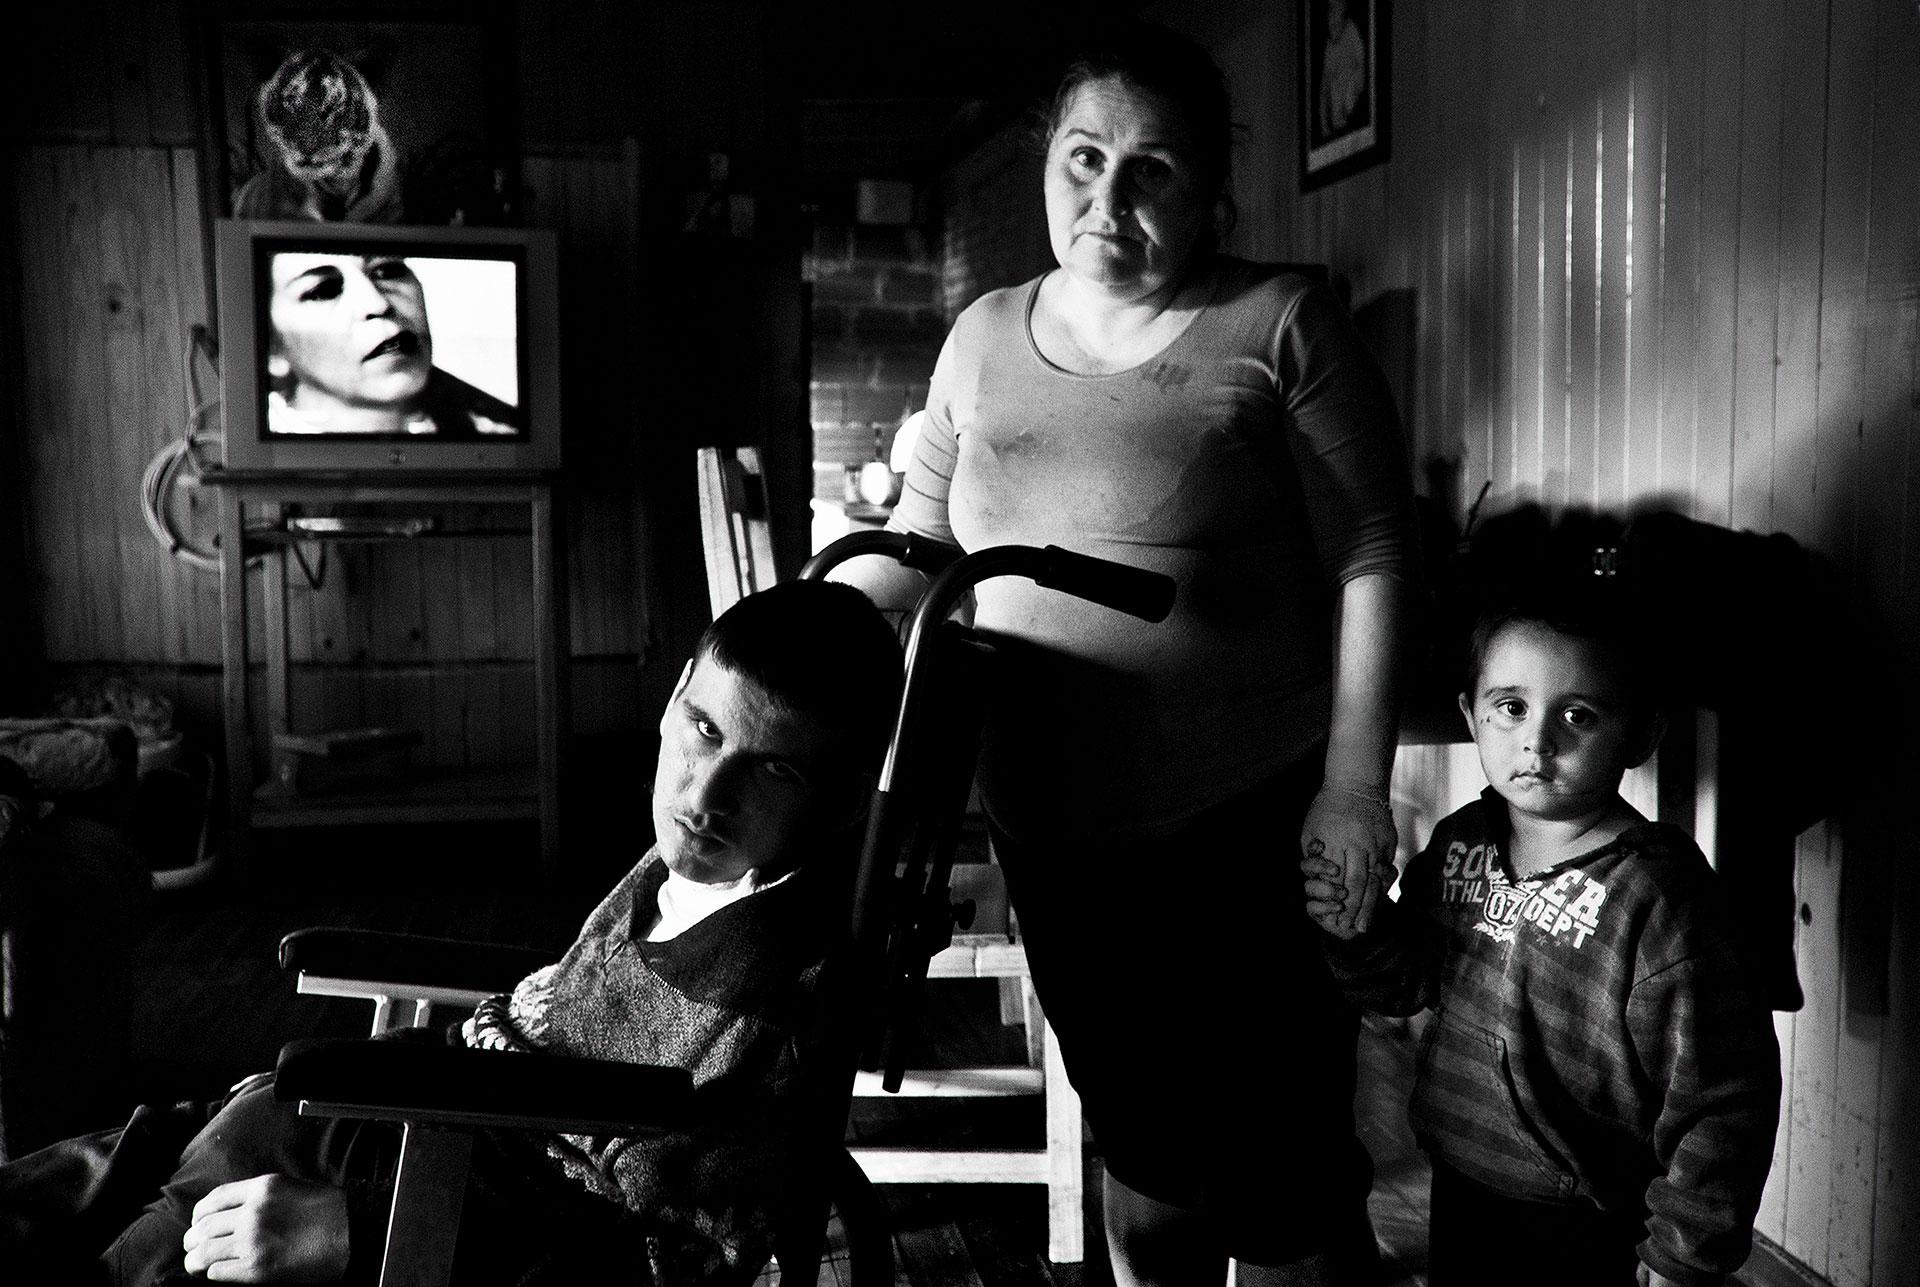 6-4-2015. San Vicente, Provincia de Misiones. Sandra Sosa es la madre de Leonardo Lorenzo, que sufre parálisis cerebral y epilepsia como resultado de las repetidas fumigaciones. Los dos viven actualmente en el barrio El Progreso, donde el número de niños, niñas y adolescentes discapacitados crece de forma exponencial.